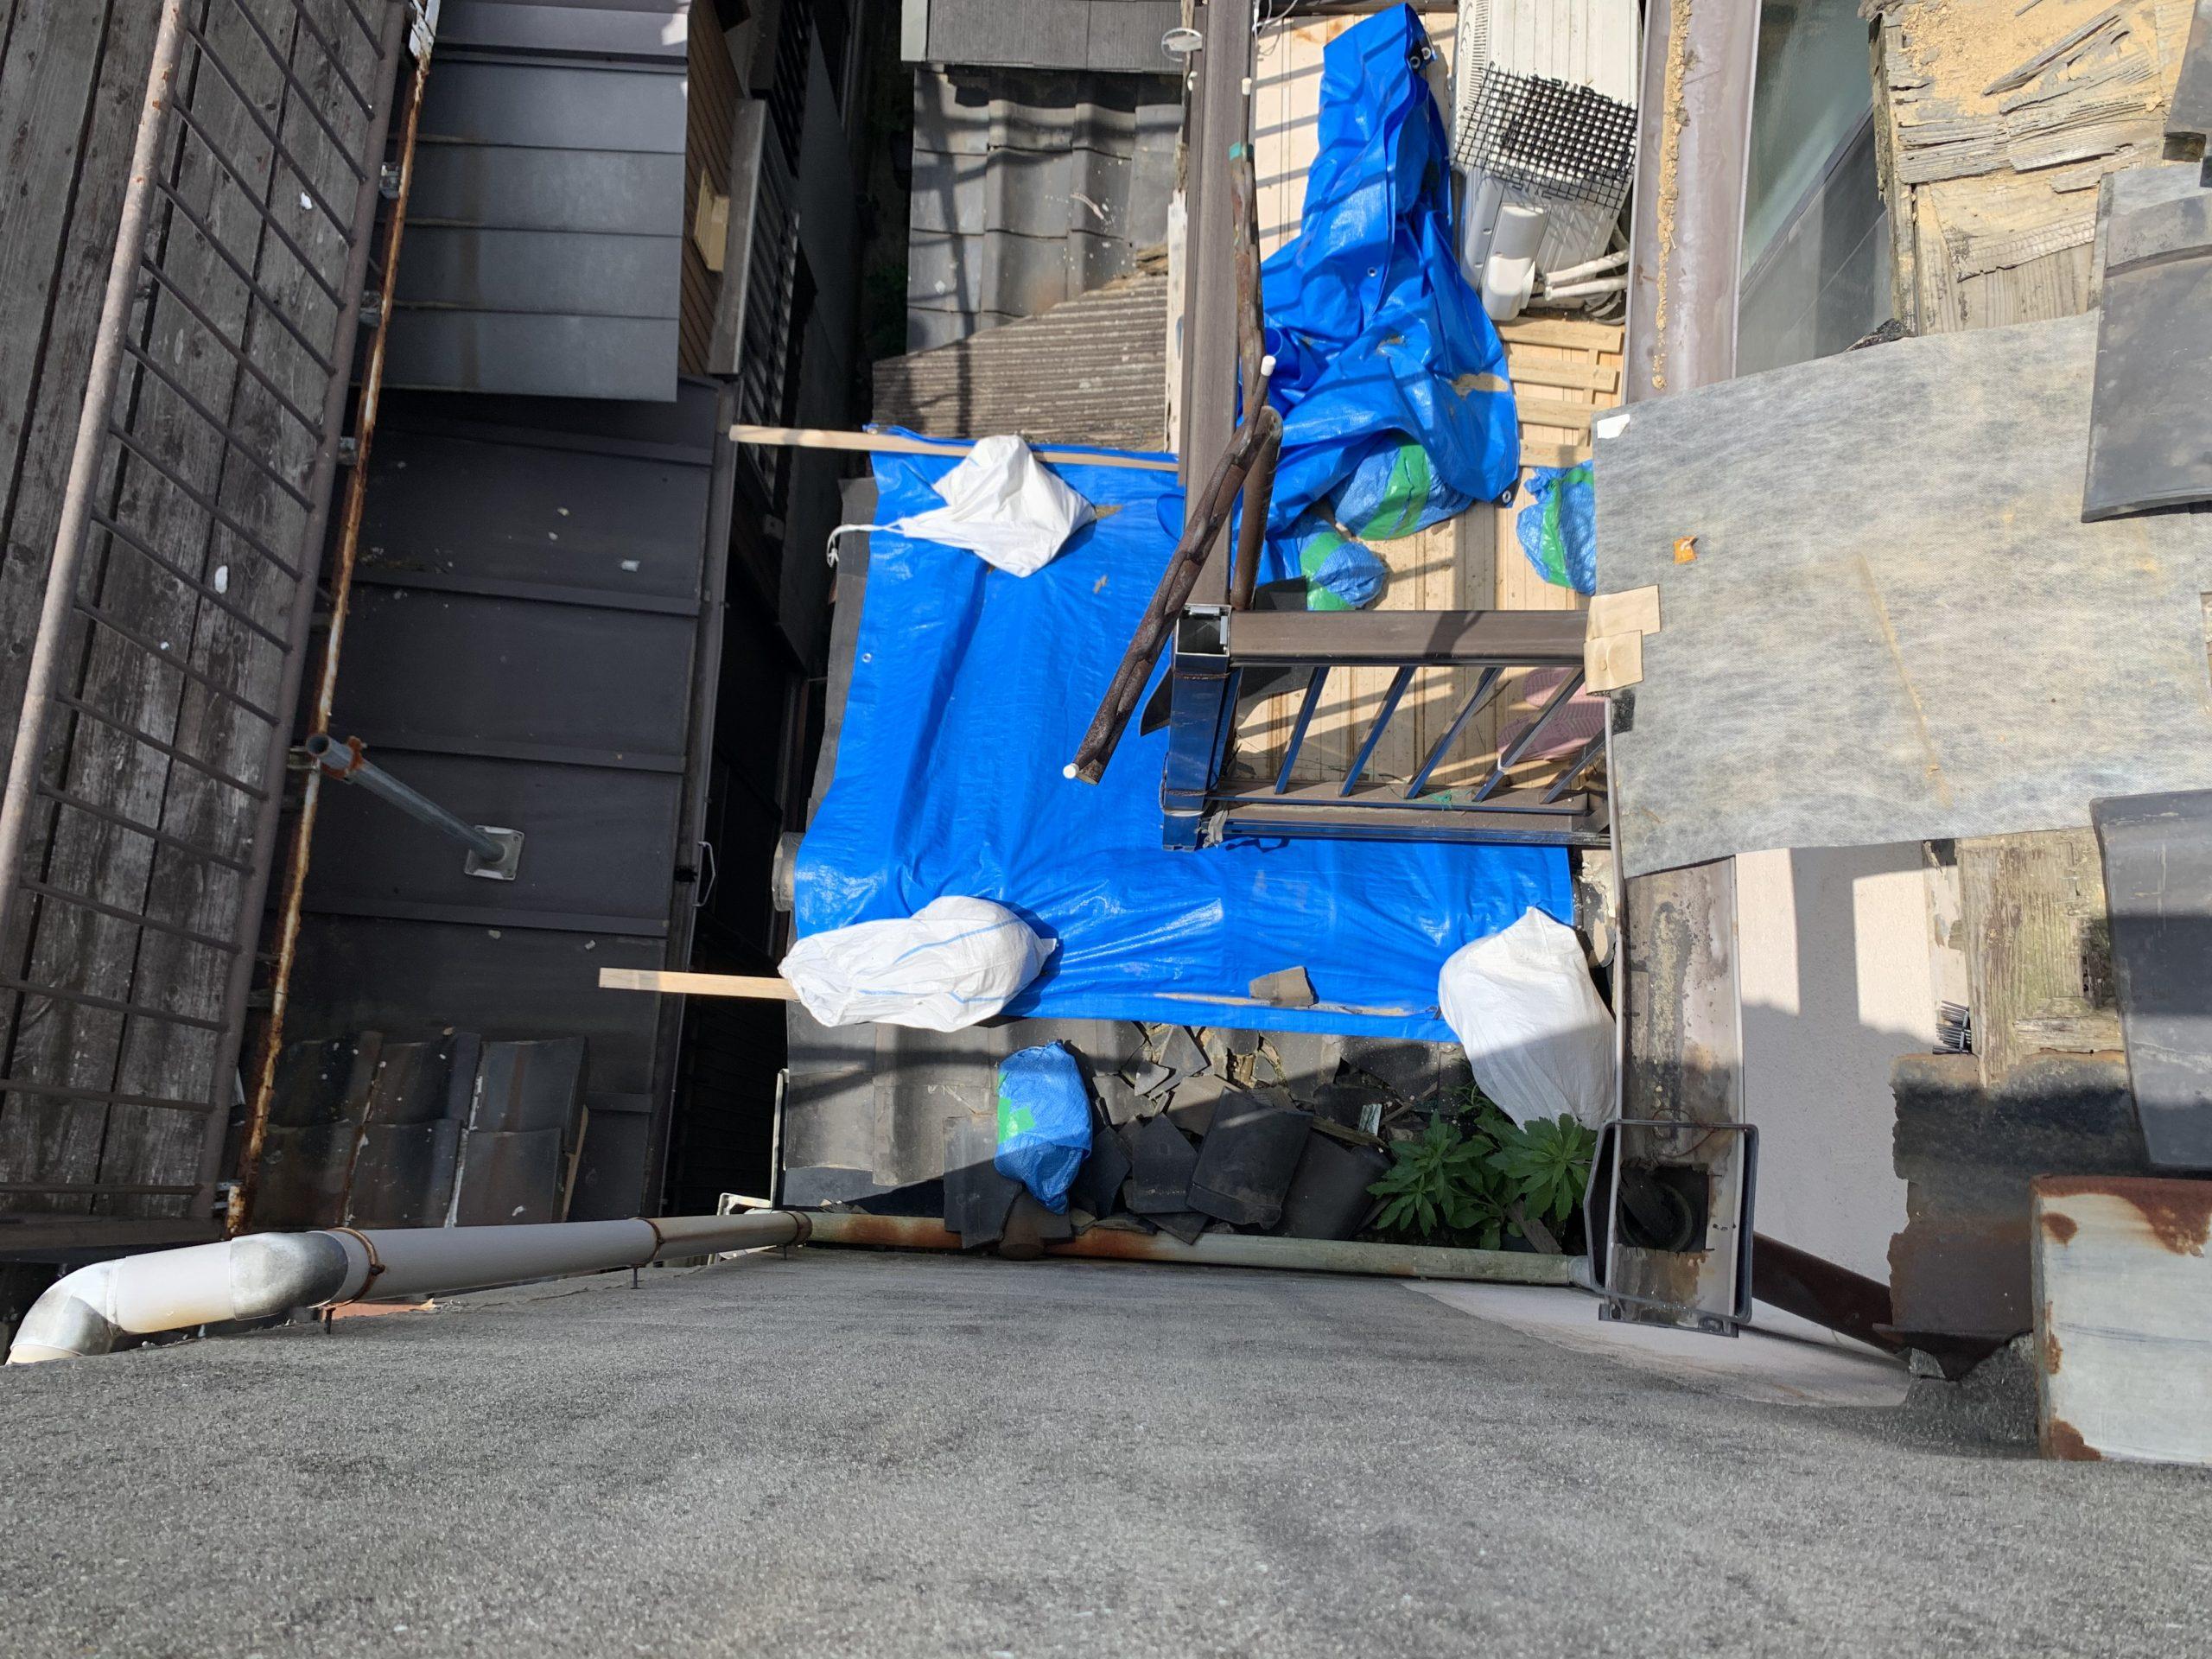 雨漏りを防ぐためのブルーシート